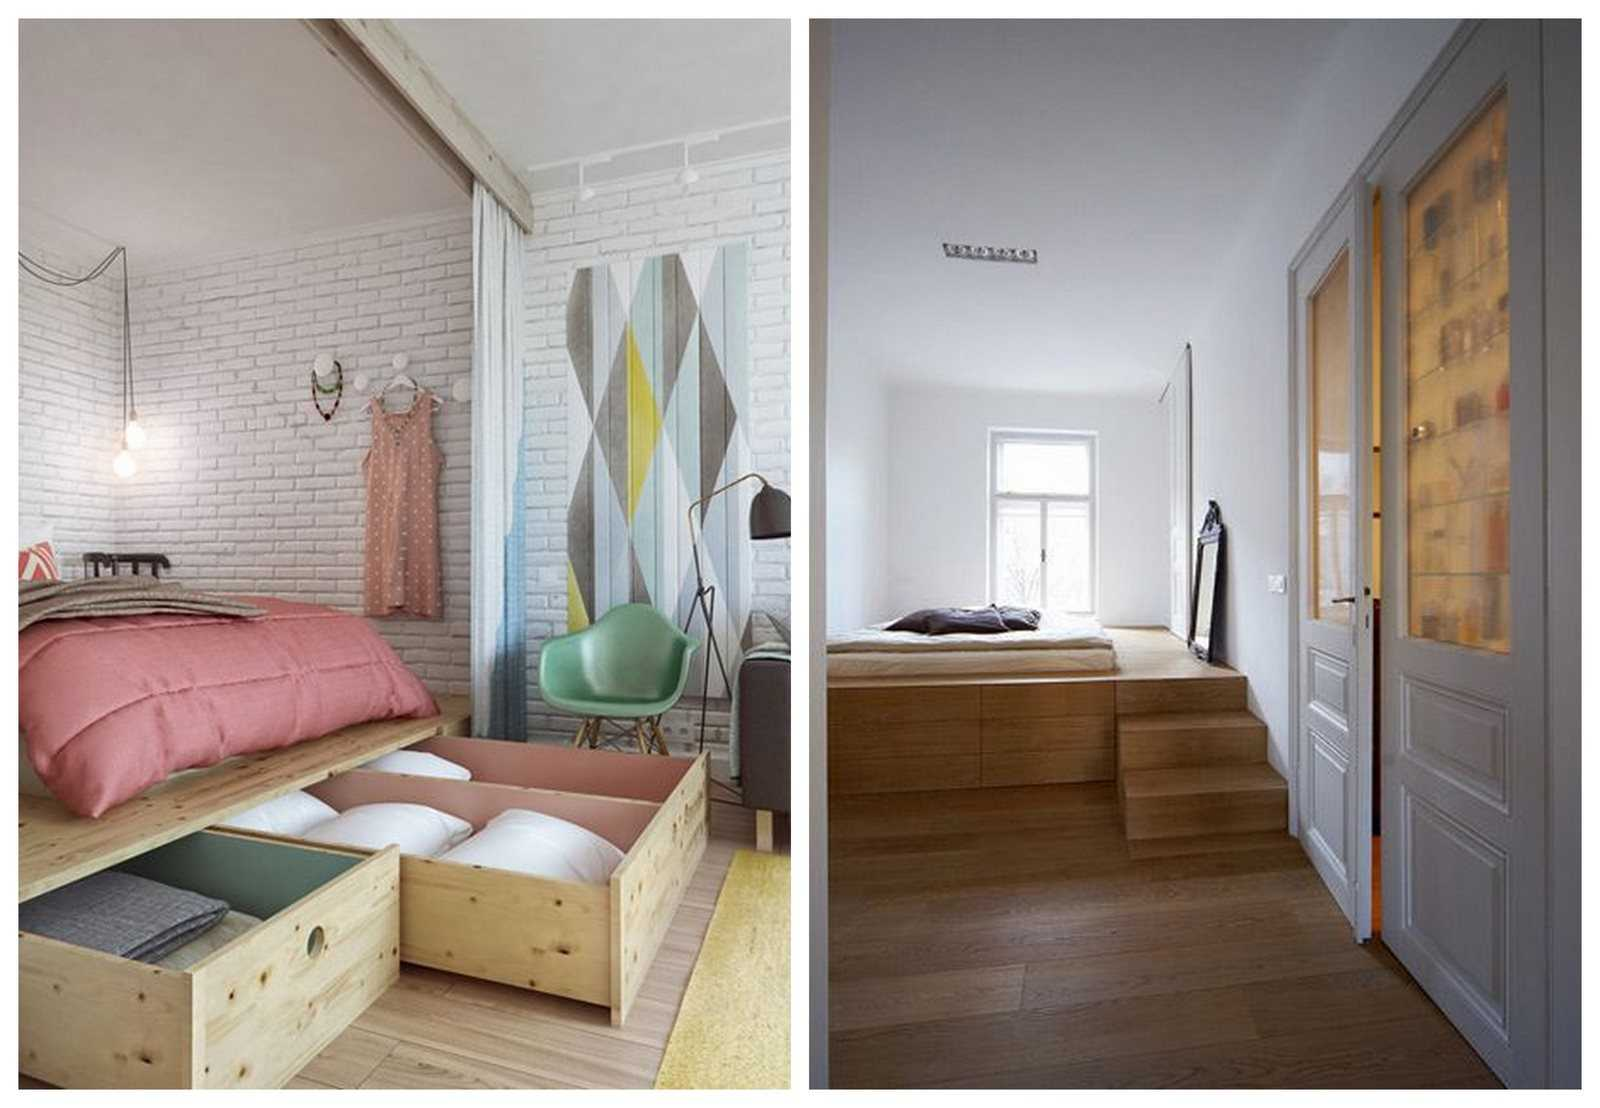 Chambre Estrade Ikea : Idée déco une estrade pour structurer et délimiter l